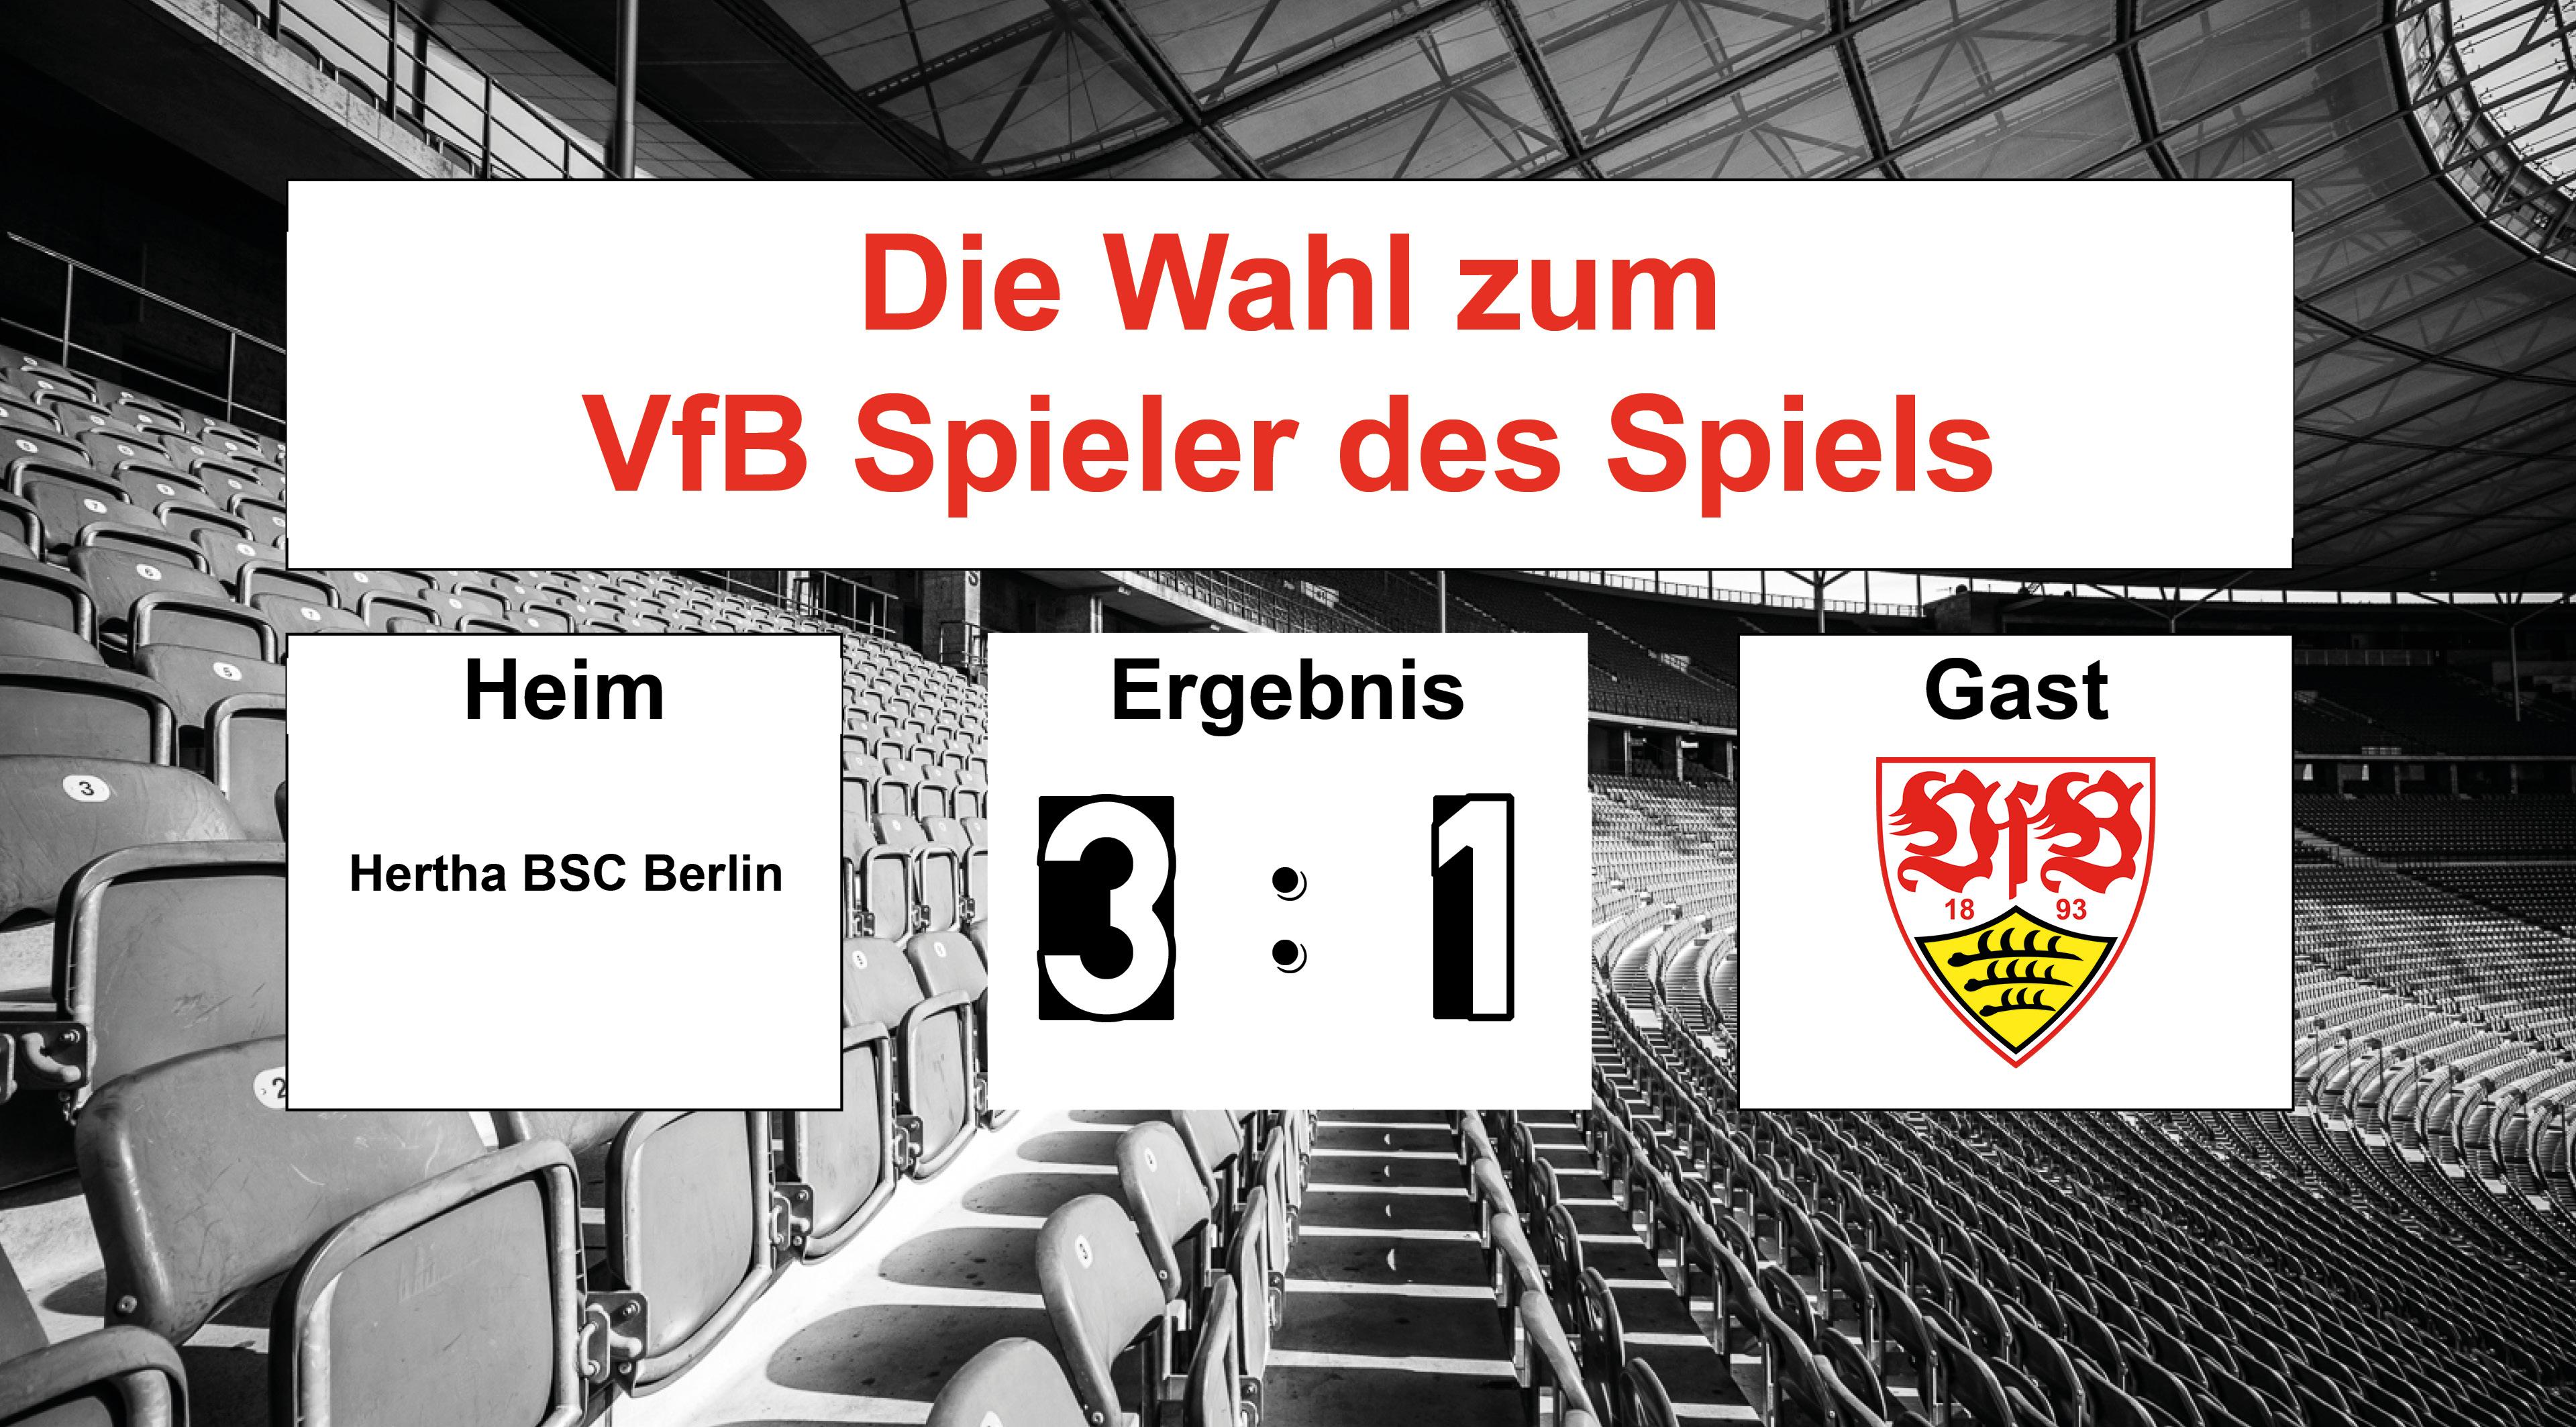 Wahl zum VfB Spieler des Spiels #BSCVfB | 04.05.2019